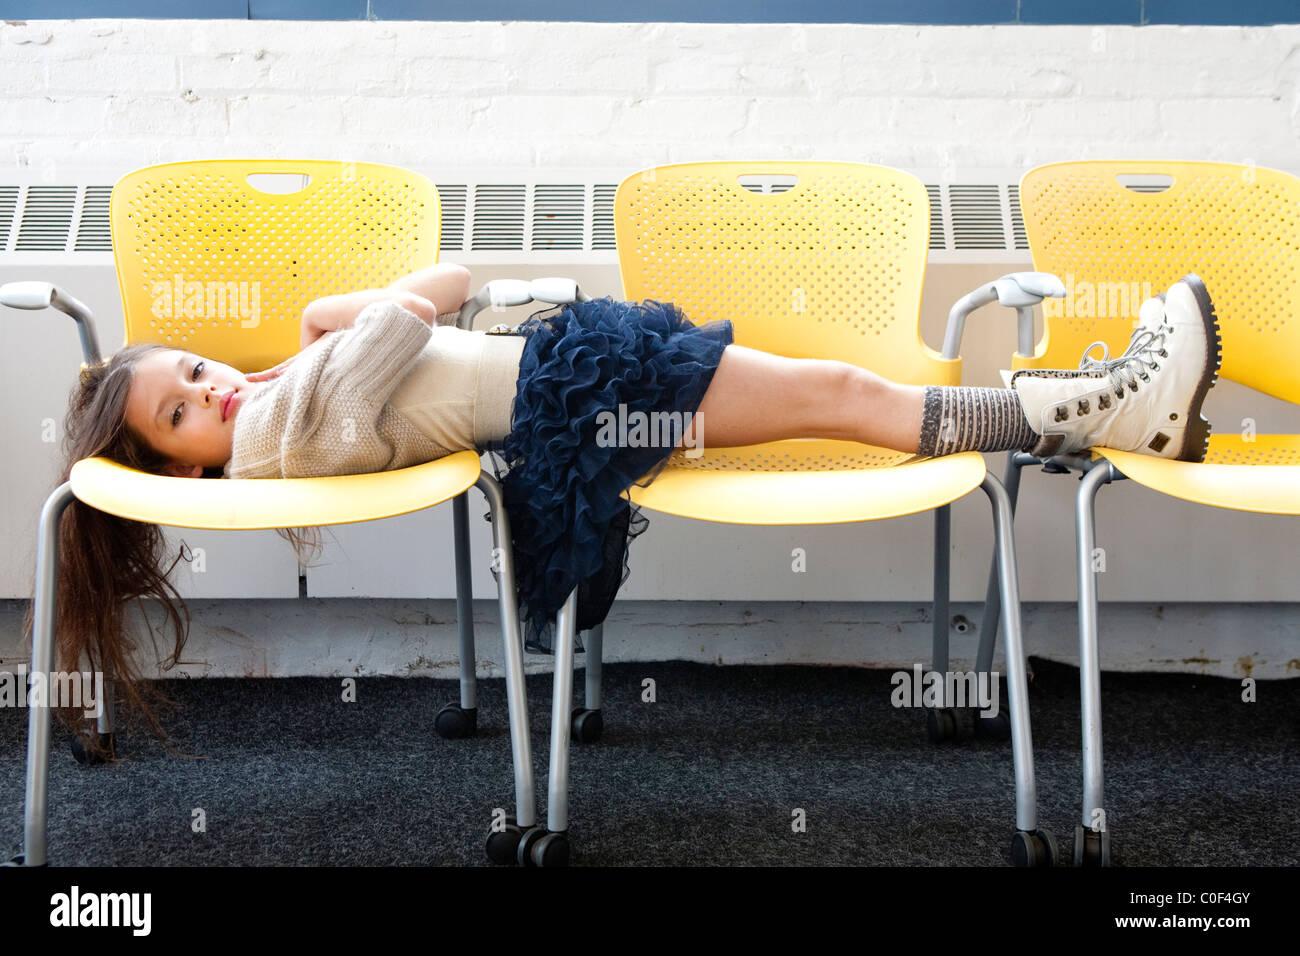 Chica sentar en sillas de color amarillo Imagen De Stock